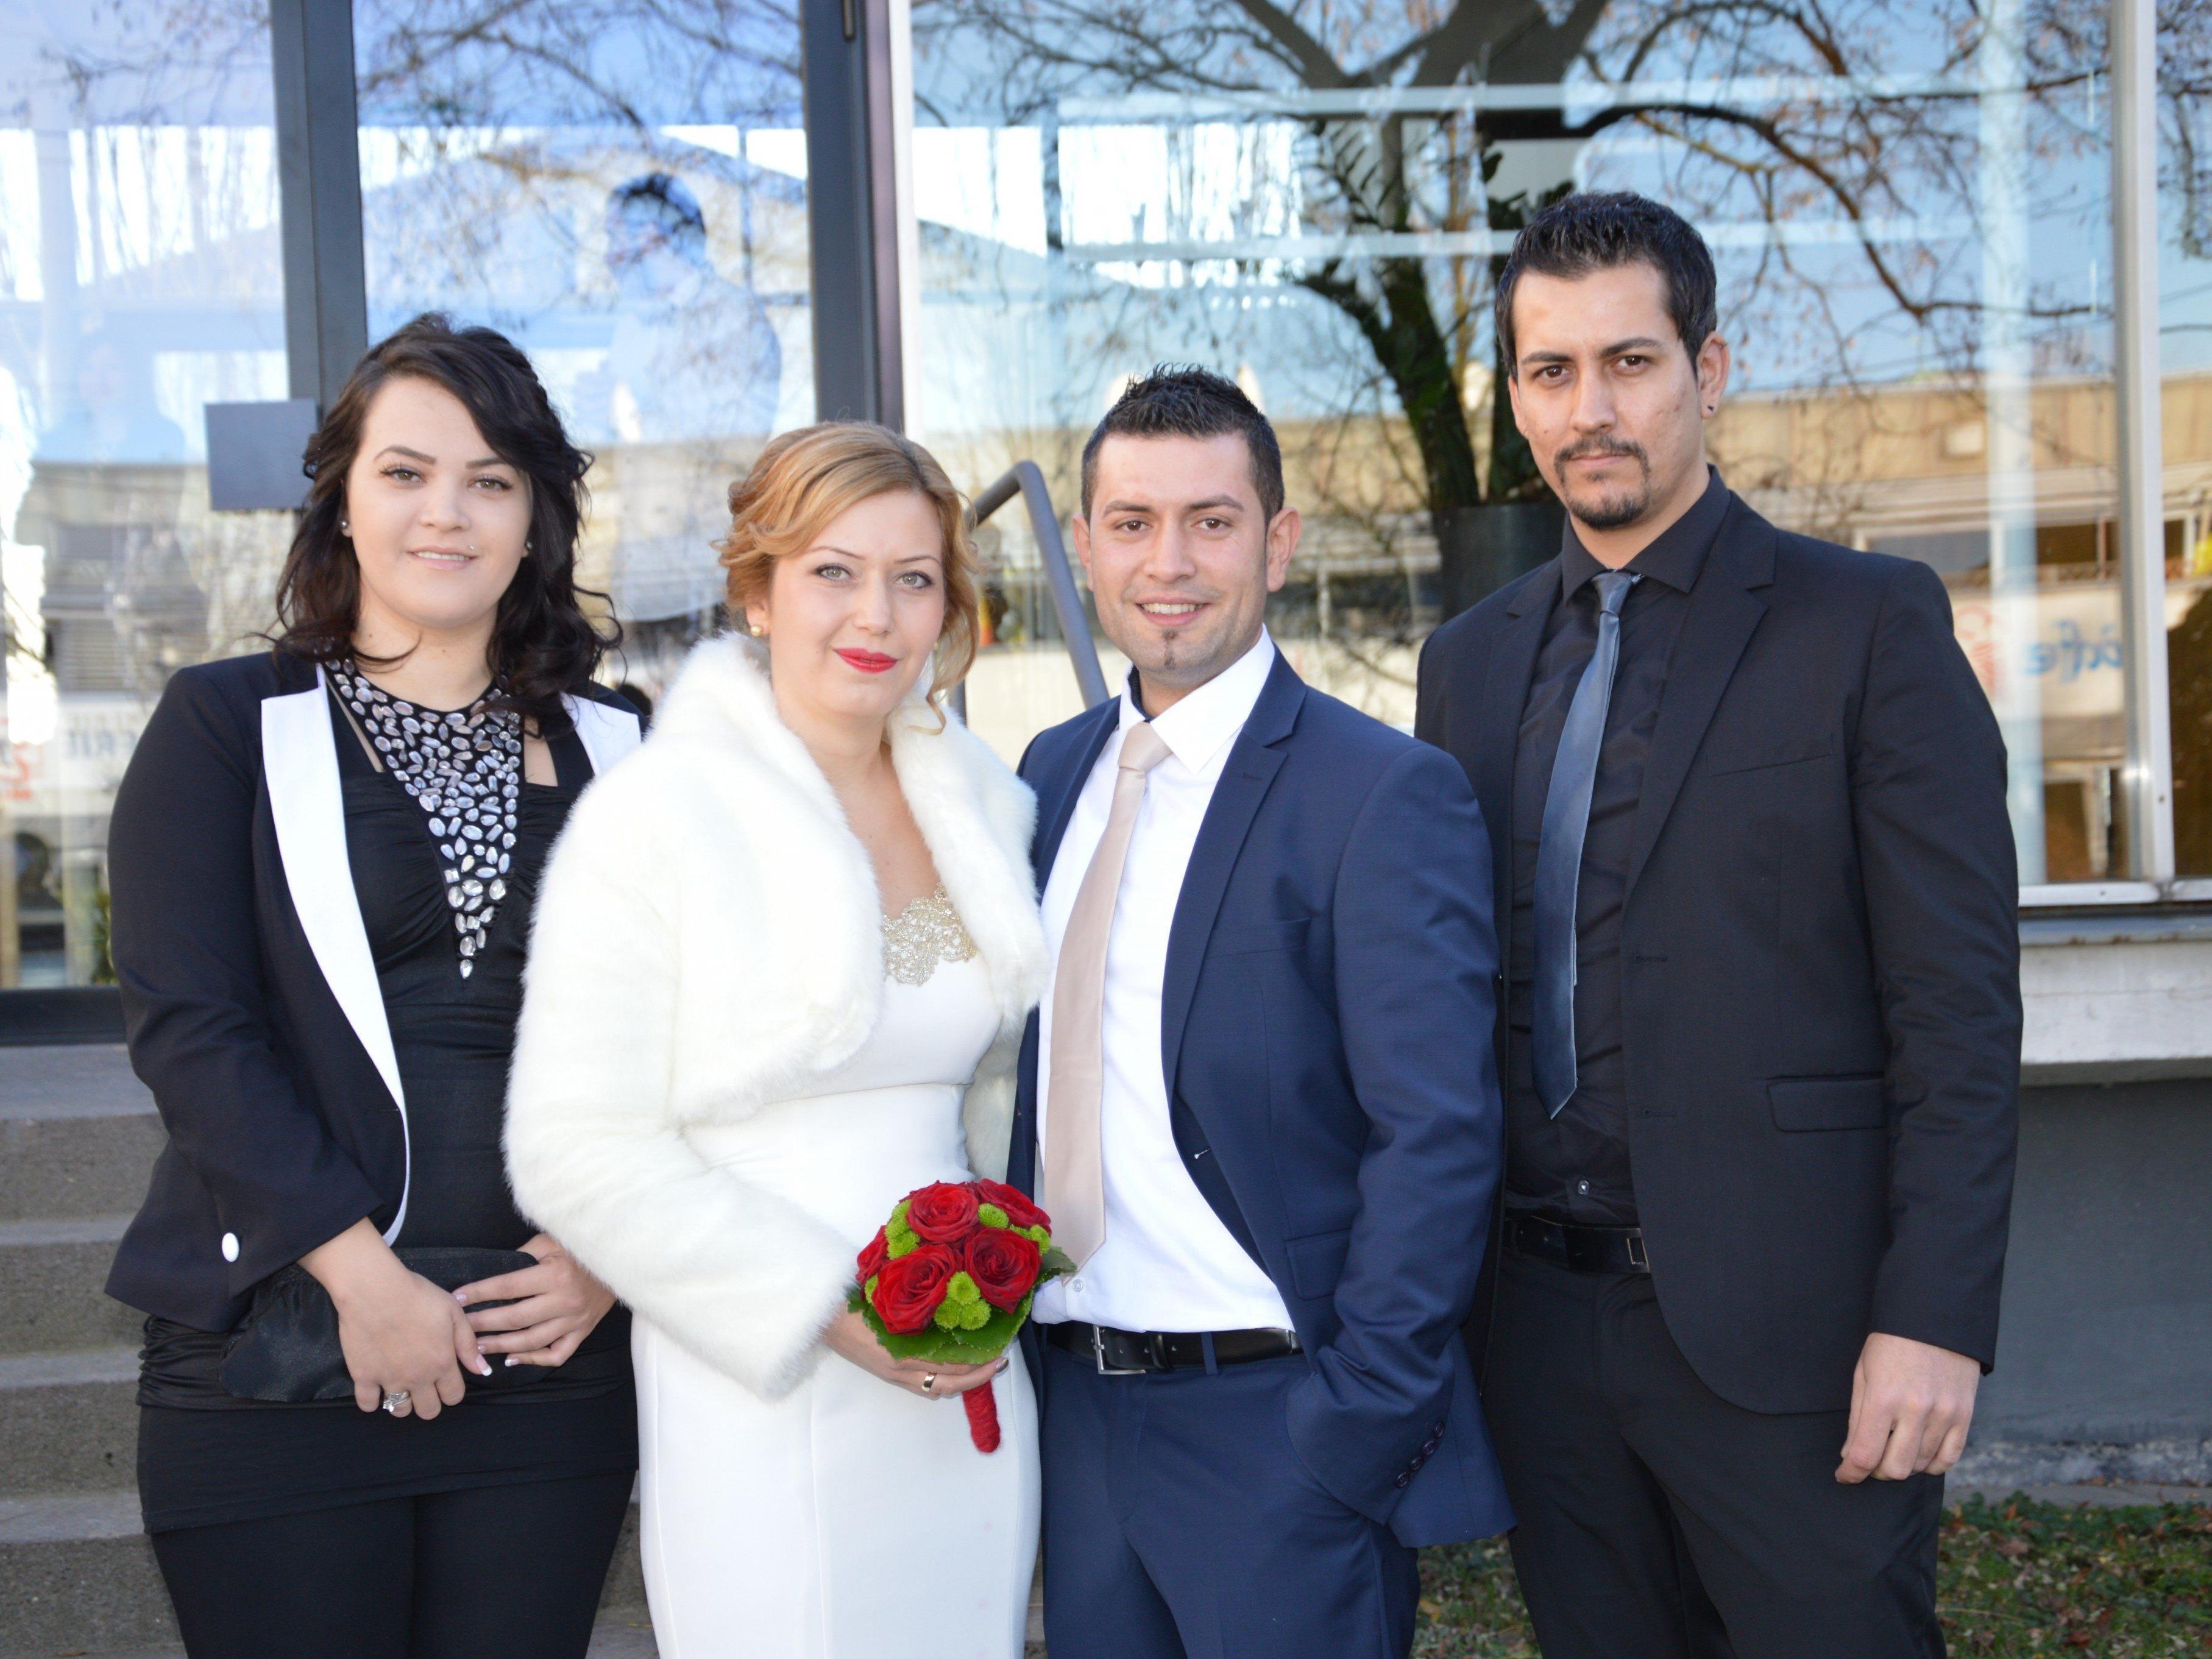 Hümeyra Kaya und Kadir Mutun haben geheiratet